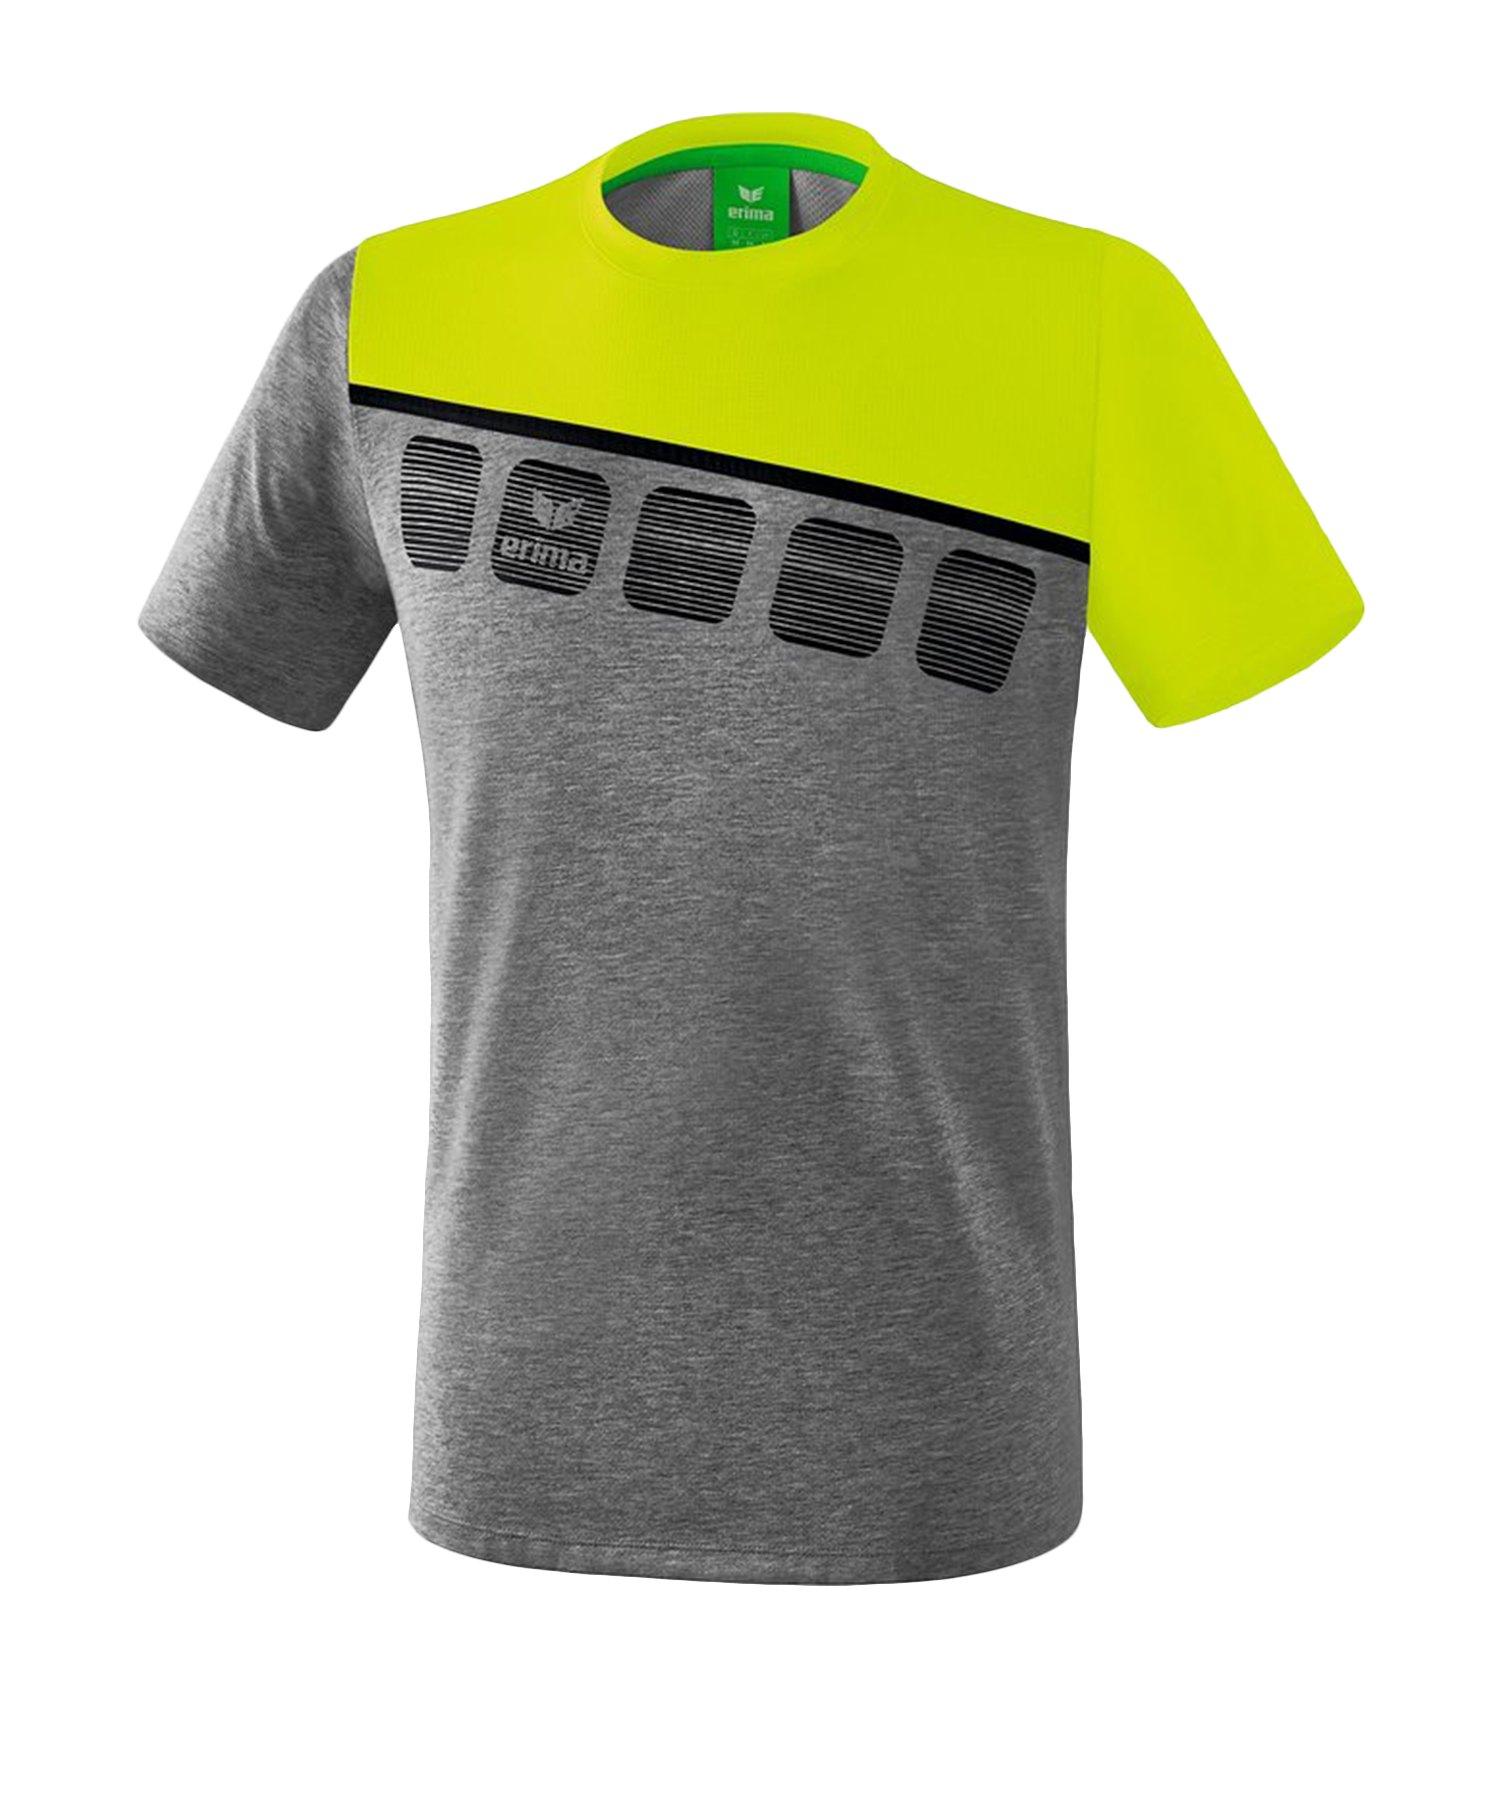 Erima 5-C T-Shirt Grau Grün - Grau